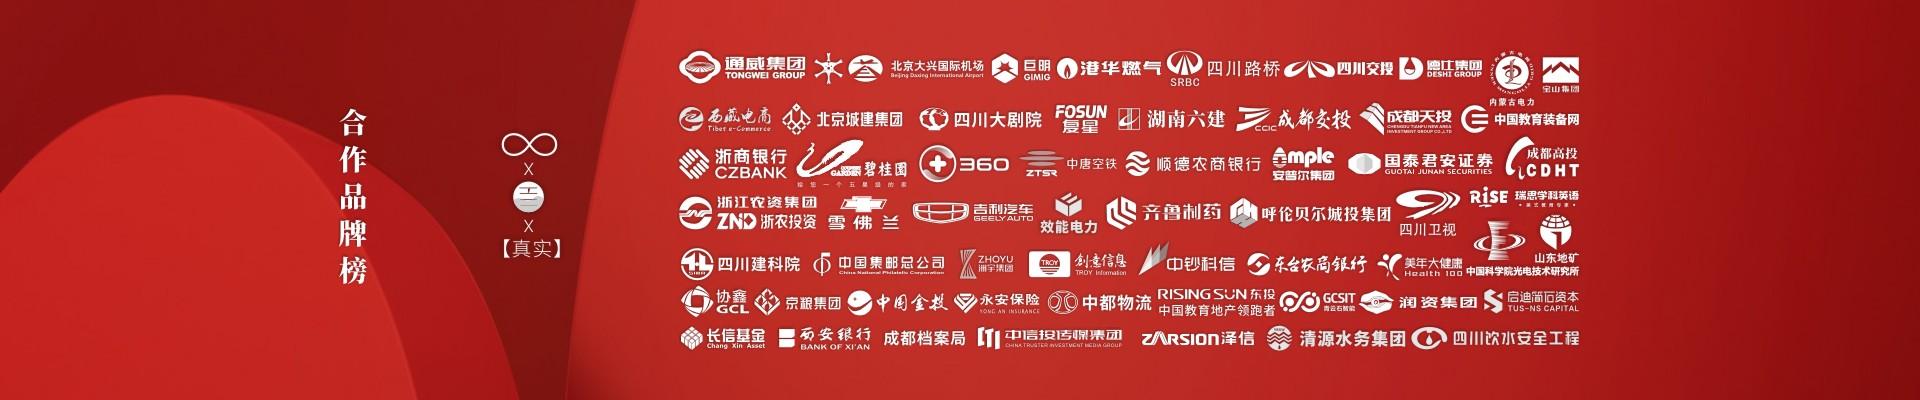 成都宣传册设计公司-百铂文化